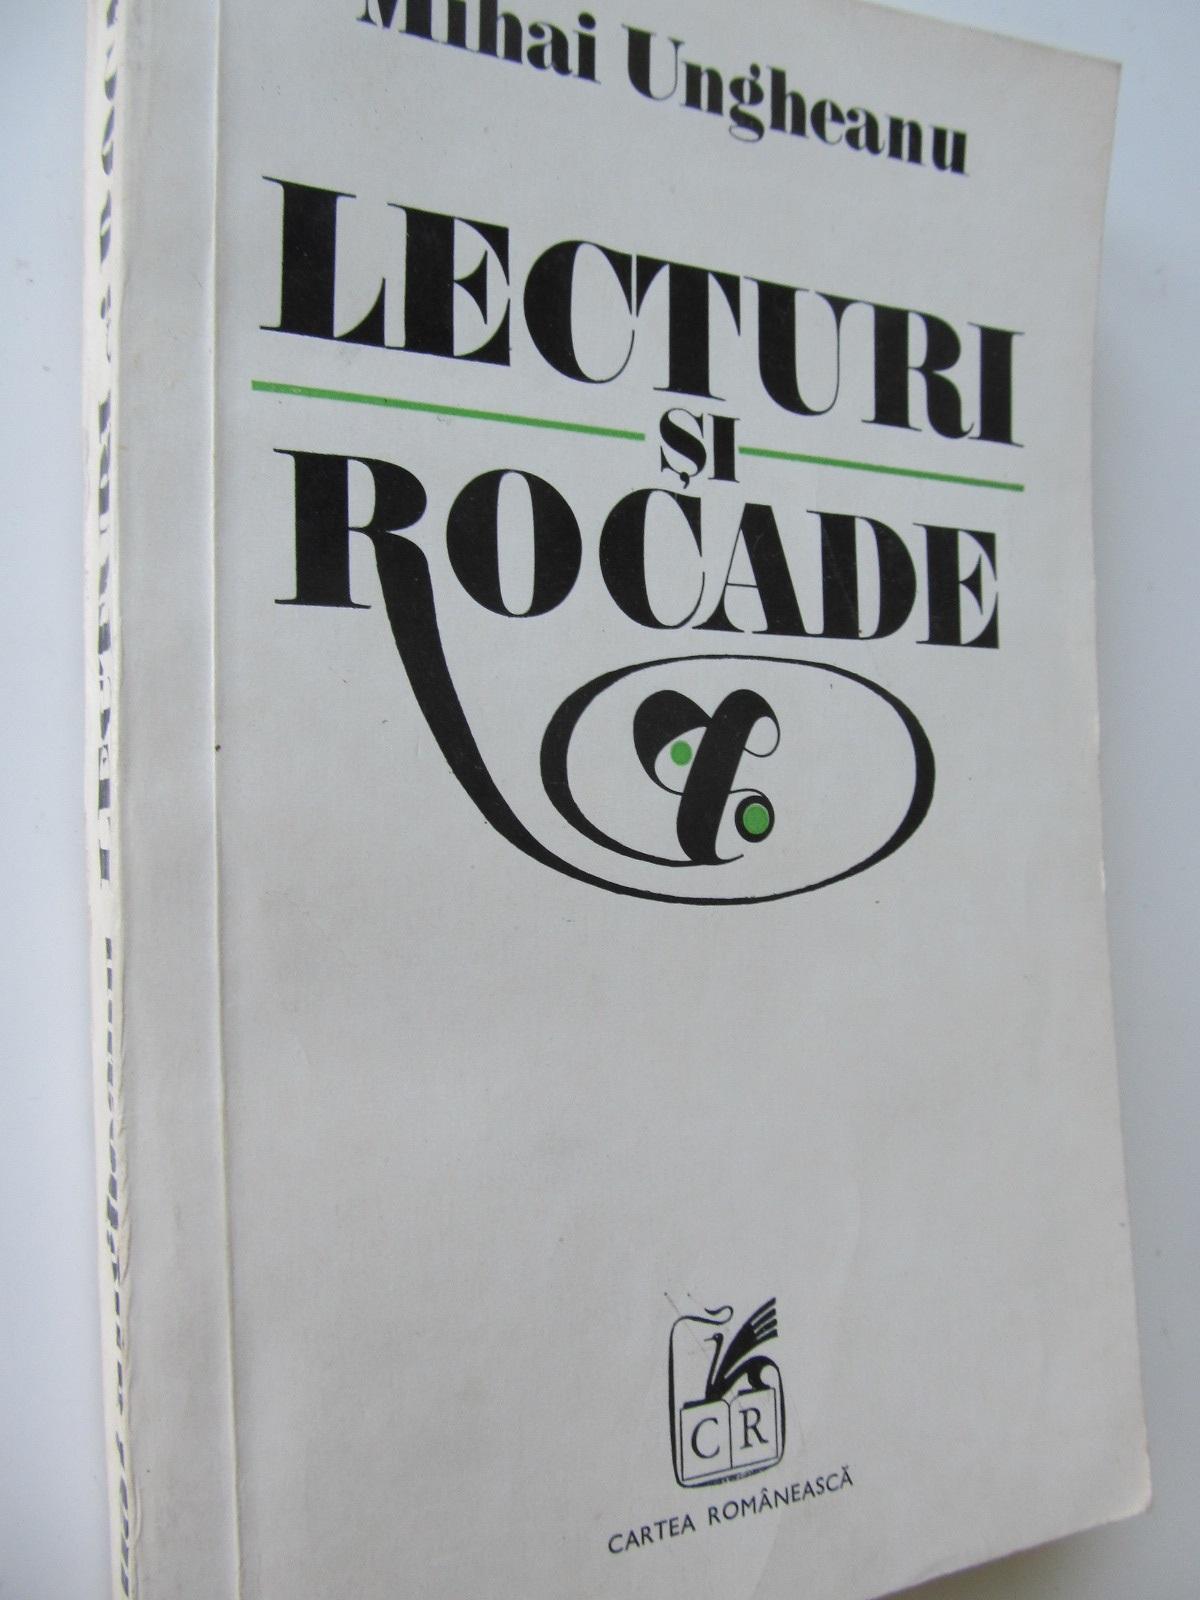 Lecturi si rocade - Mihai Ungheanu | Detalii carte